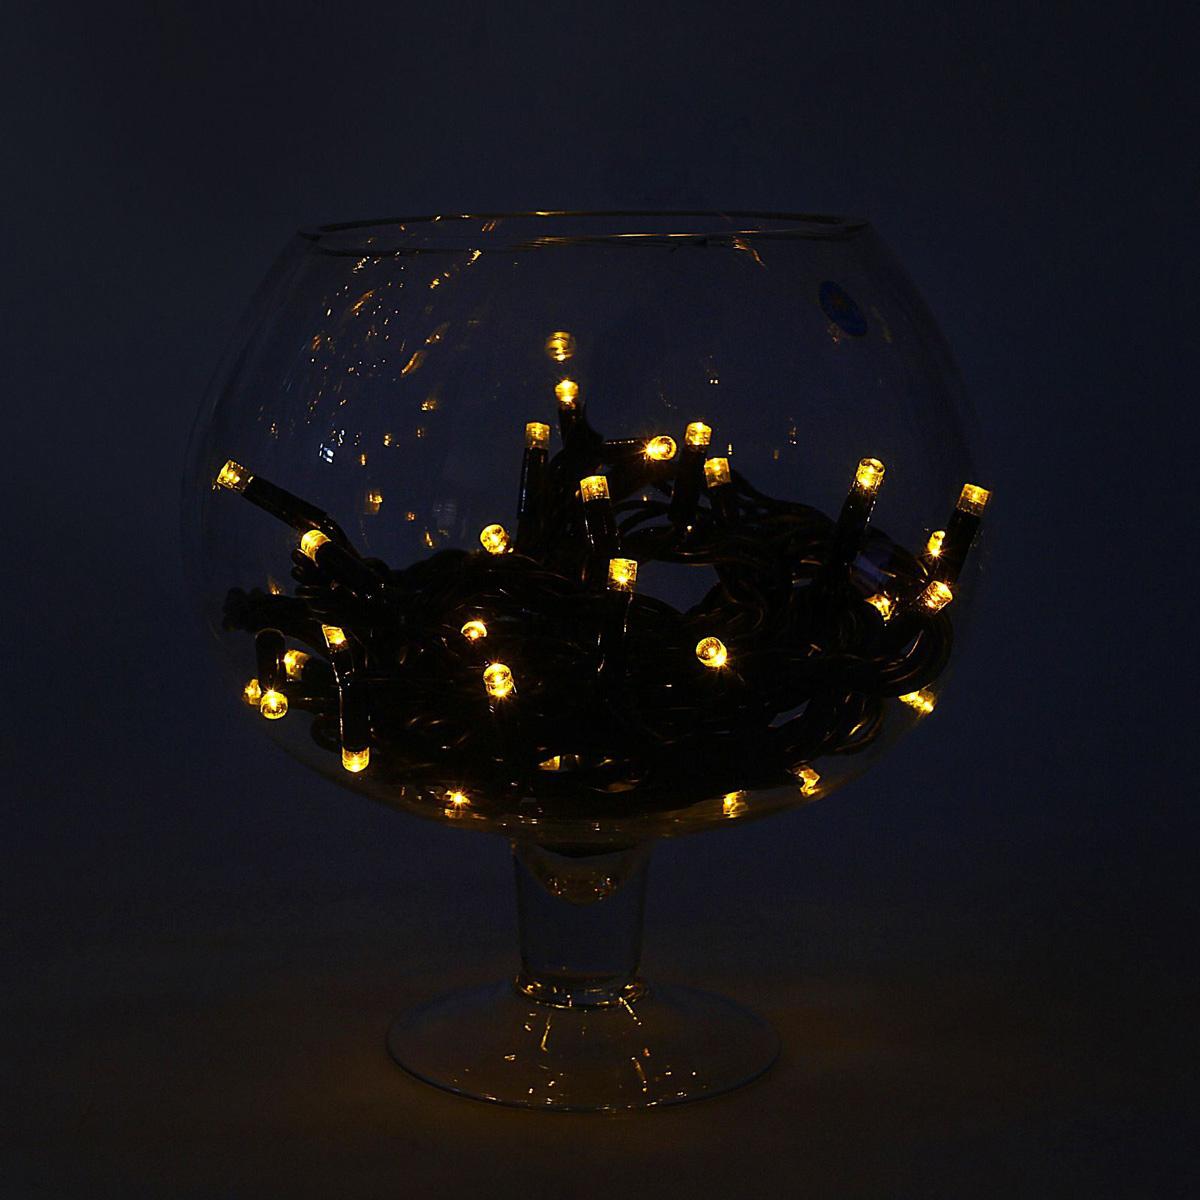 Гирлянда светодиодная Luazon Метраж. Каучук, уличная, 100 ламп, 220 V, 10 м, цвет: желтый. 10806341080634Светодиодные гирлянды, ленты и т.д. — это отличный вариант для новогоднего оформления интерьера или фасада. С их помощью помещение любого размера можно превратить в праздничный зал, а внешние элементы зданий, украшенные ими, мгновенно станут напоминать очертания сказочного дворца. Такие украшения создают ауру предвкушения чуда. Деревья, фасады, витрины, окна и арки будто специально созданы, чтобы вы украсили их светящимися нитями.